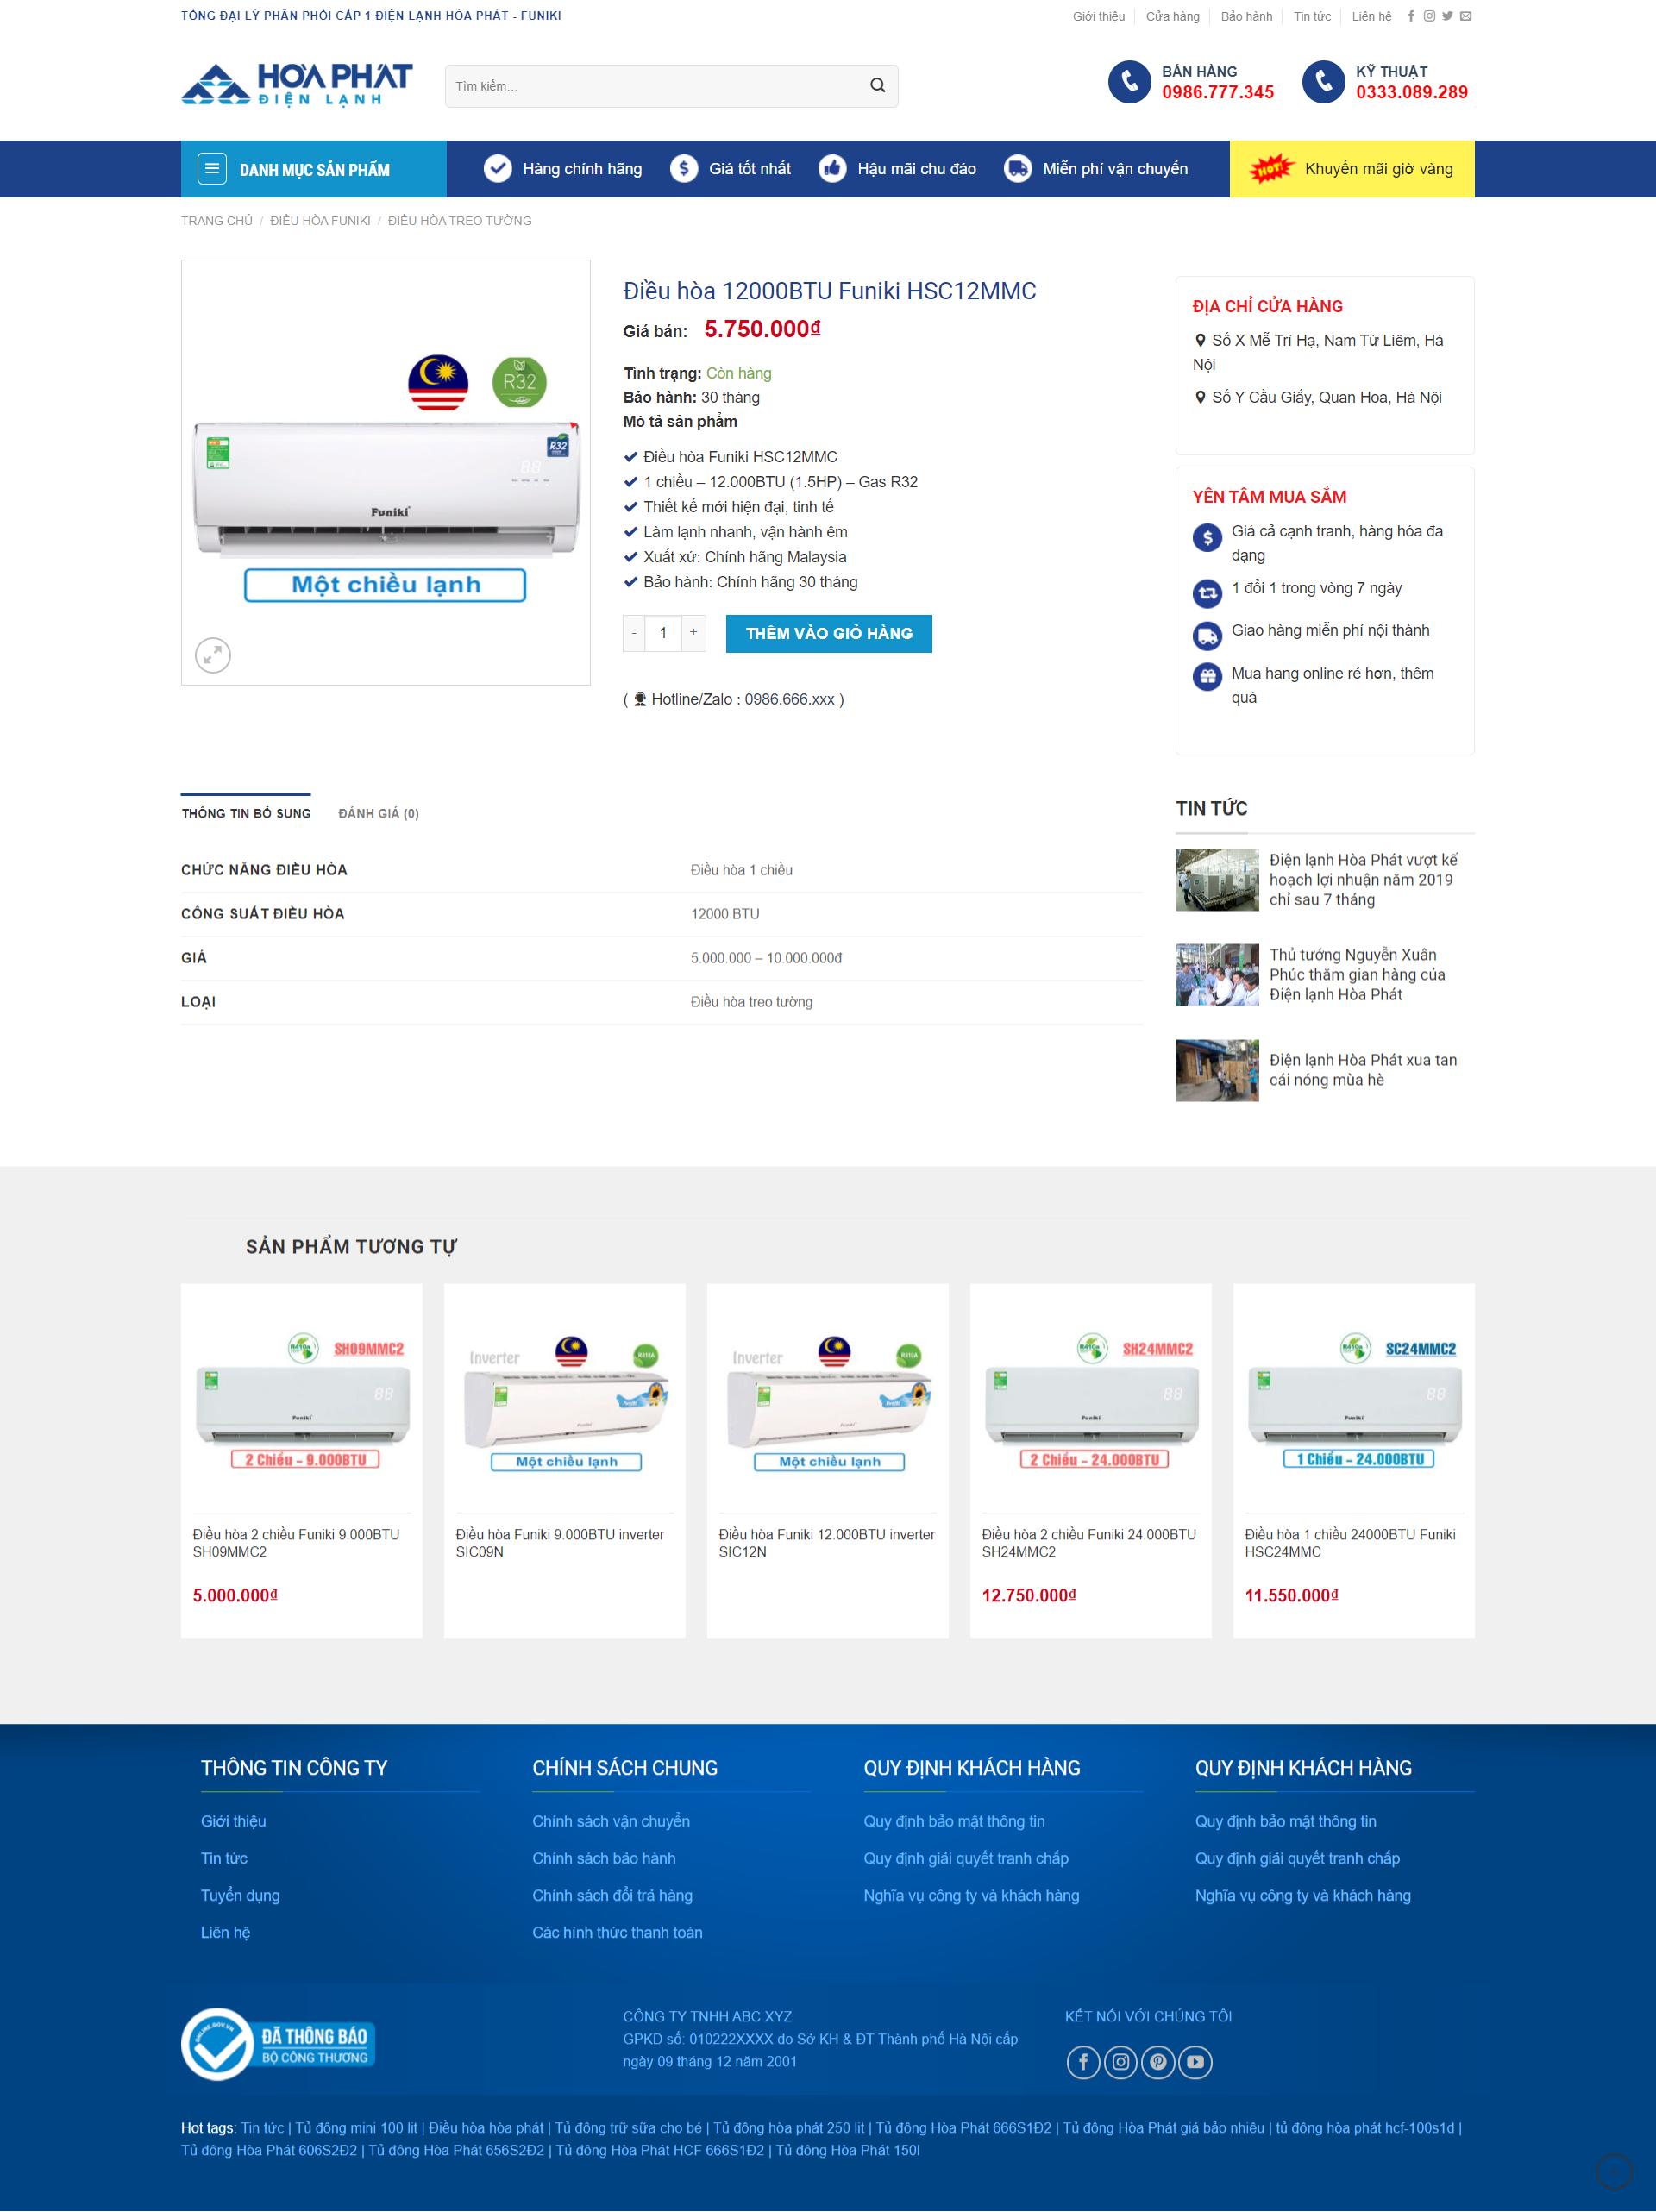 Mẫu website điện lạnh Hòa Phát